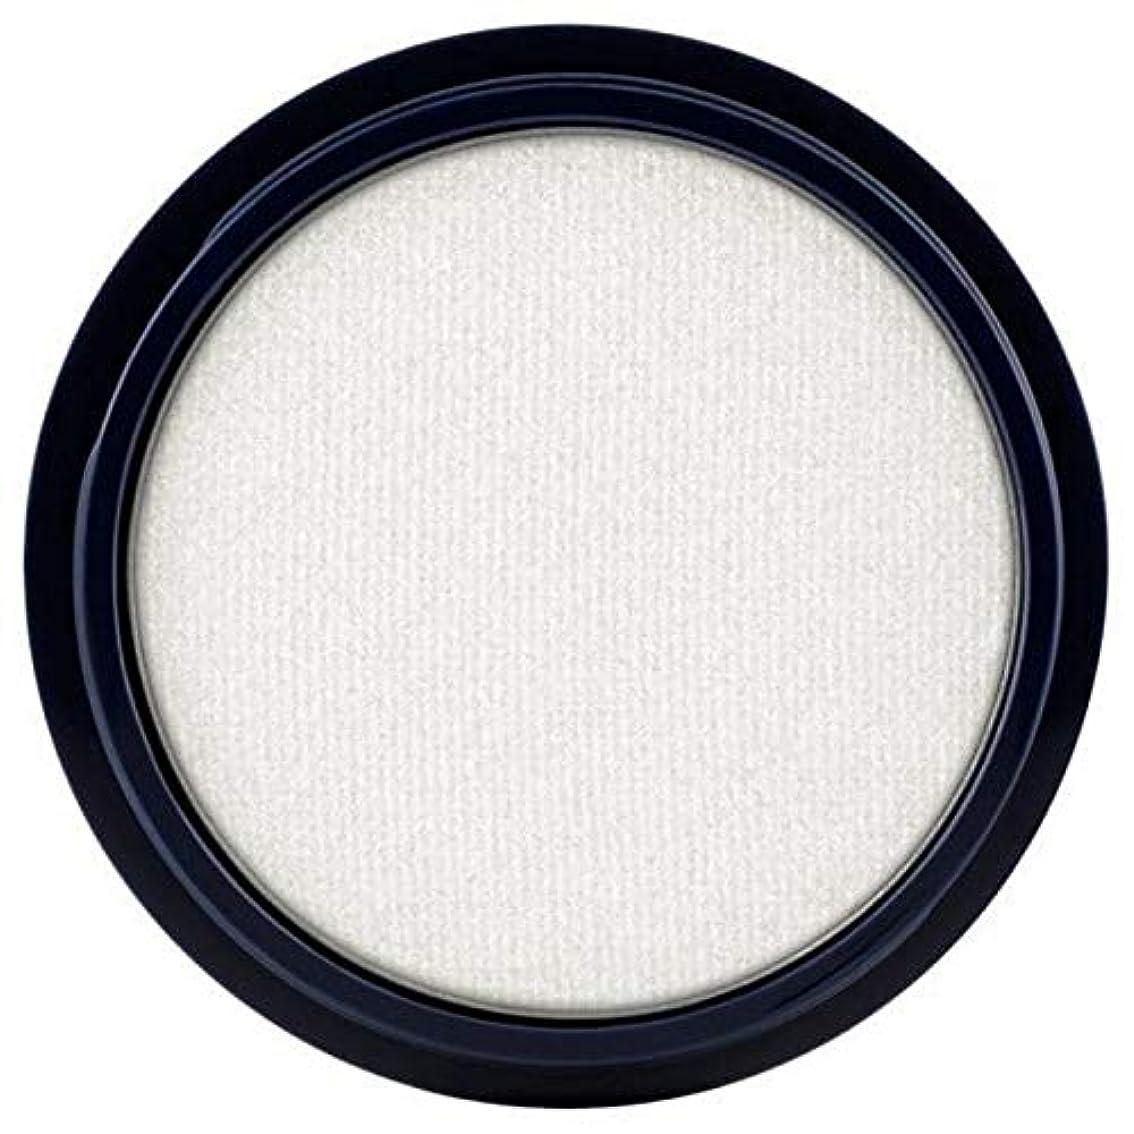 多くの危険がある状況一人でオレンジ[Max Factor ] 白35 Definatマックスファクター野生シャドウアイシャドウポット - Max Factor Wild Shadow Eyeshadow Pot Definat White 35 [並行輸入品]